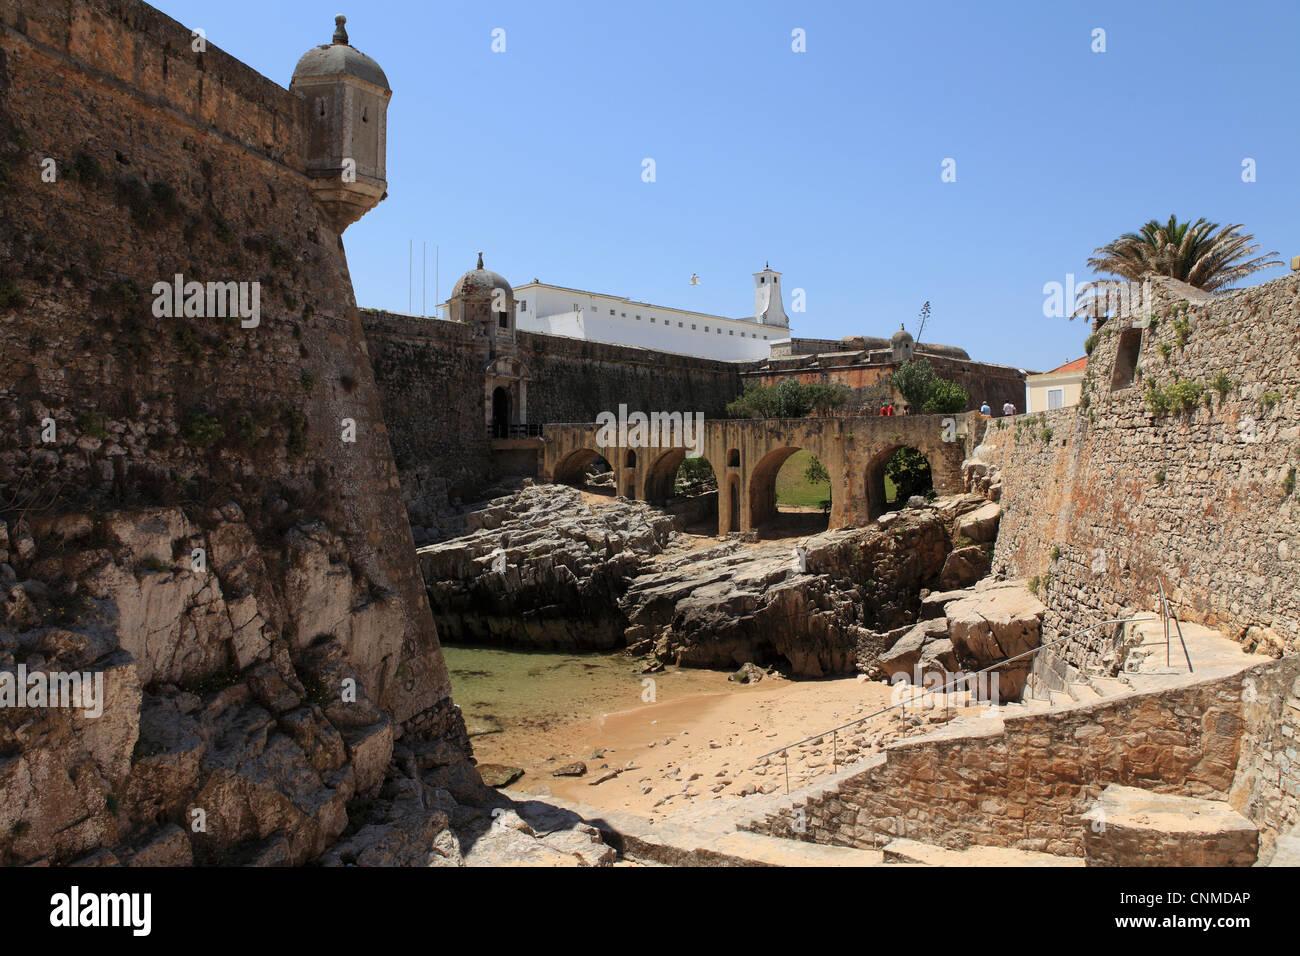 The Fortaleza de Peniche (Fortress of Peniche), Peniche, Estremadura, Portugal, Europe - Stock Image